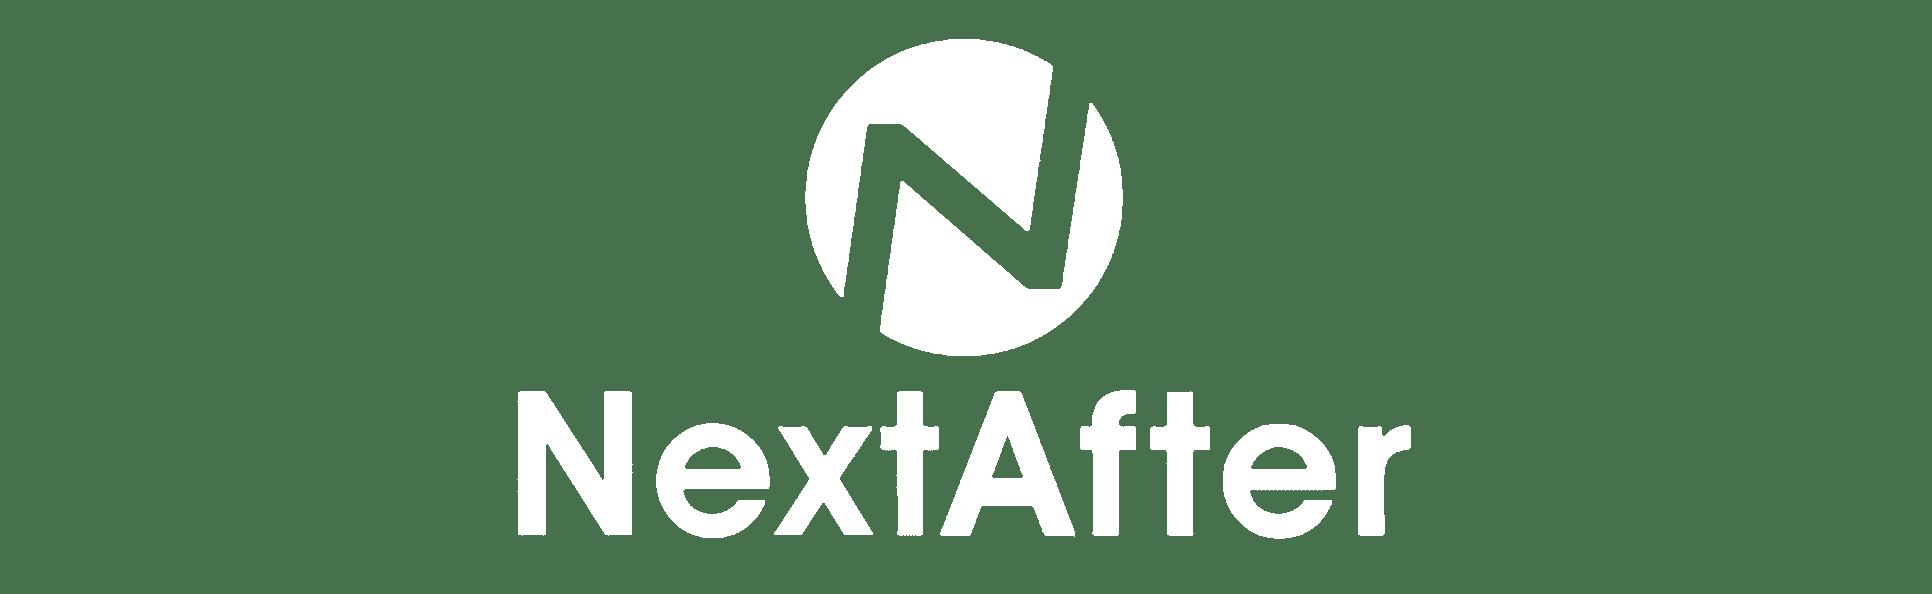 Next After logo